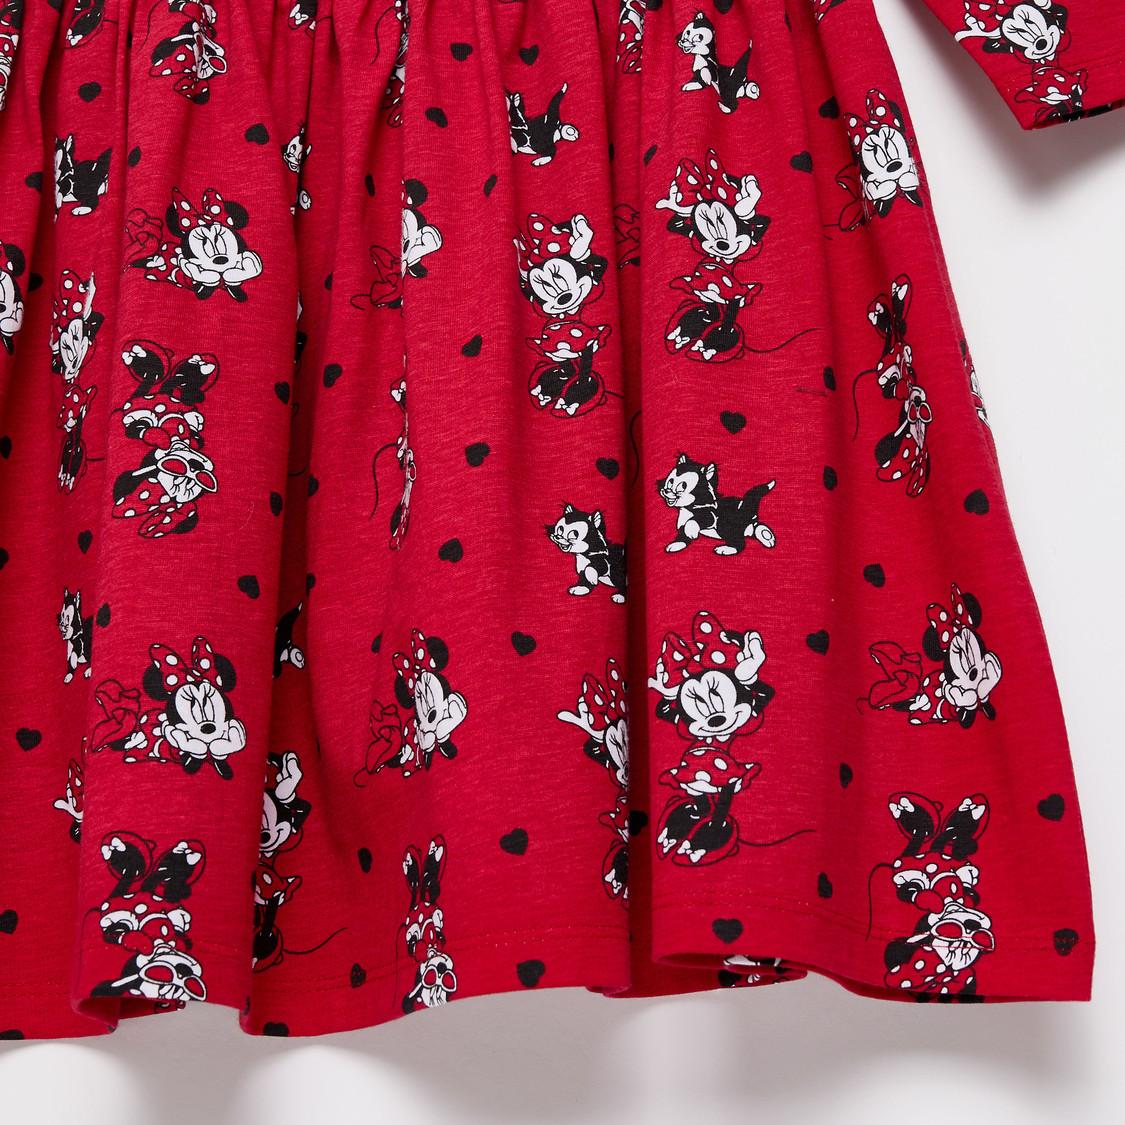 فستان بياقة مستديرة وأكمام طويلة وطبعات ميني ماوس عليه بالكامل